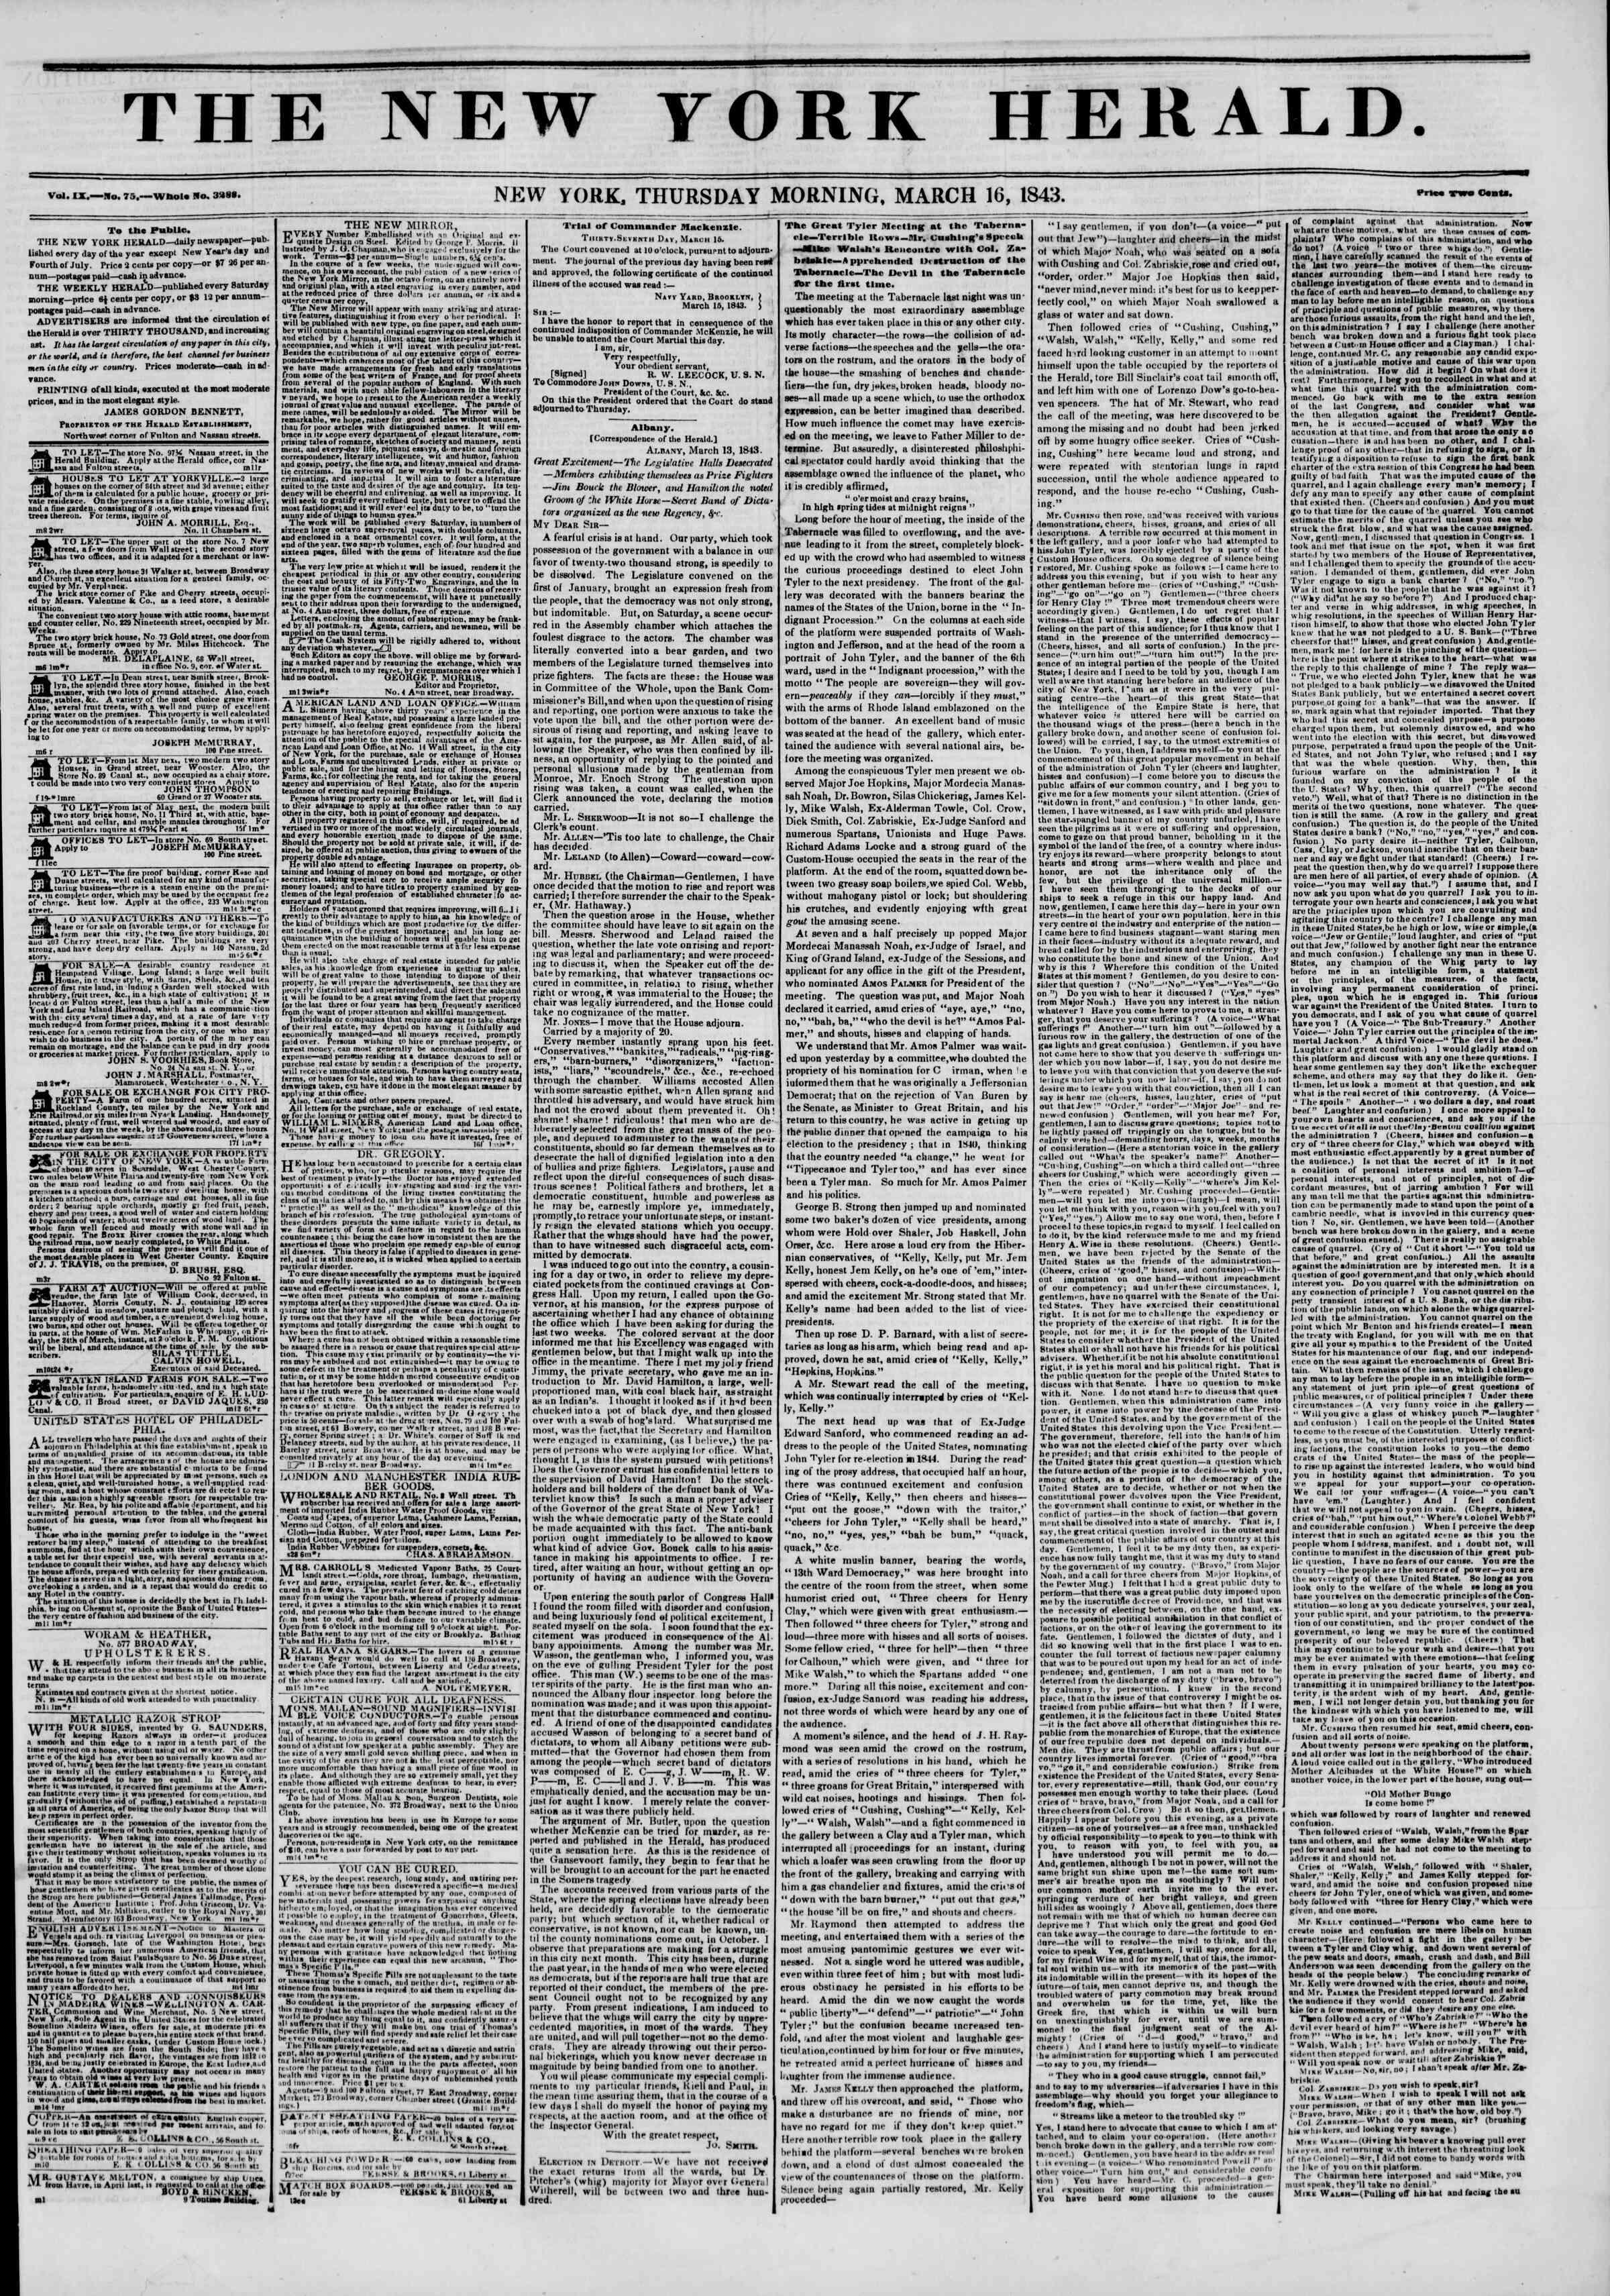 March 16, 1843 Tarihli The New York Herald Gazetesi Sayfa 1